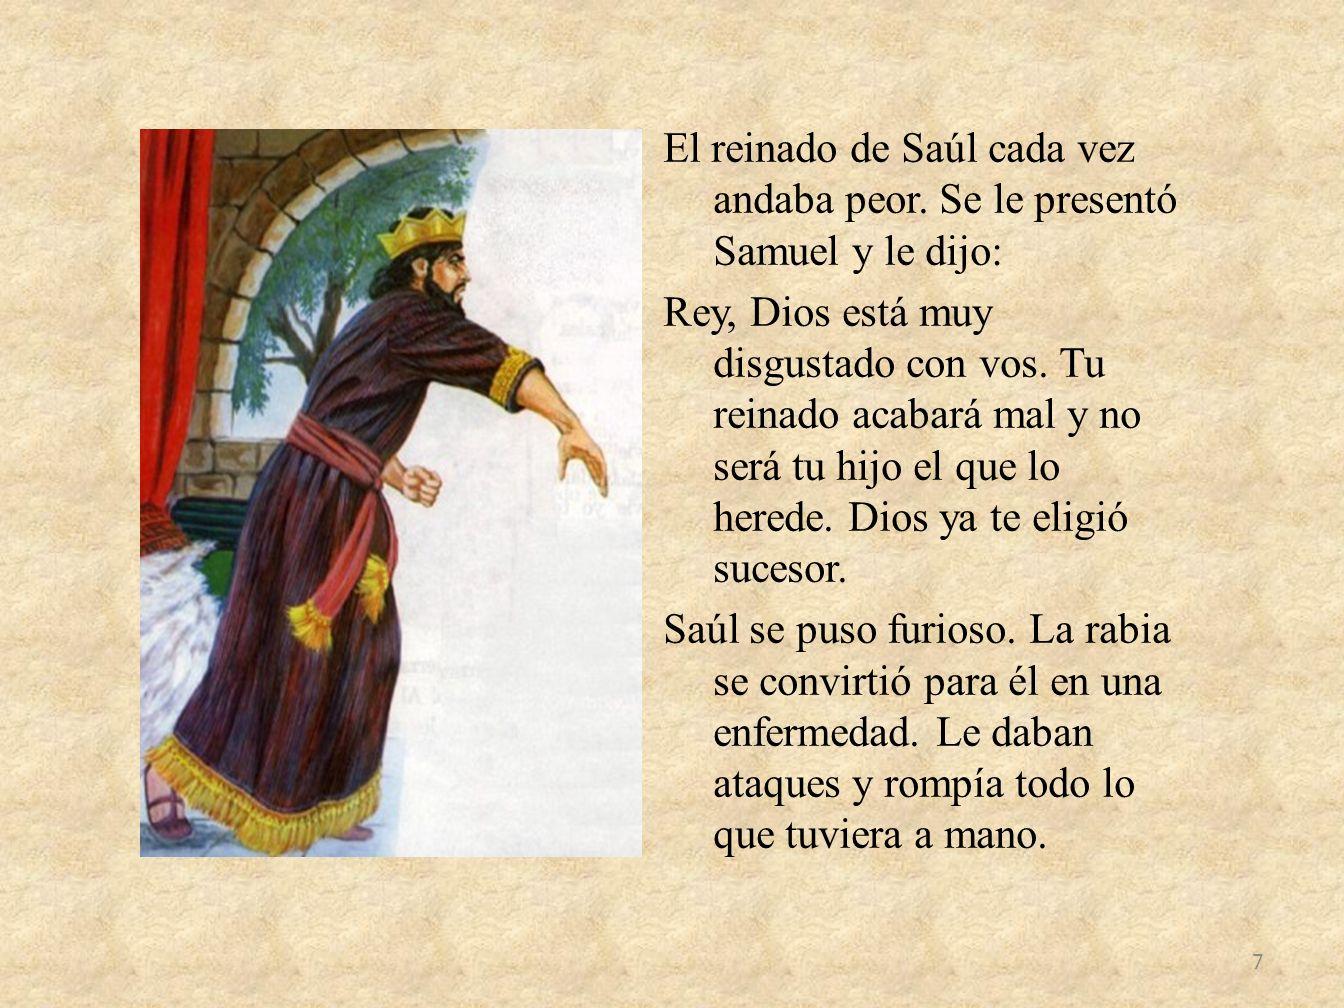 El reinado de Saúl cada vez andaba peor. Se le presentó Samuel y le dijo: Rey, Dios está muy disgustado con vos. Tu reinado acabará mal y no será tu h